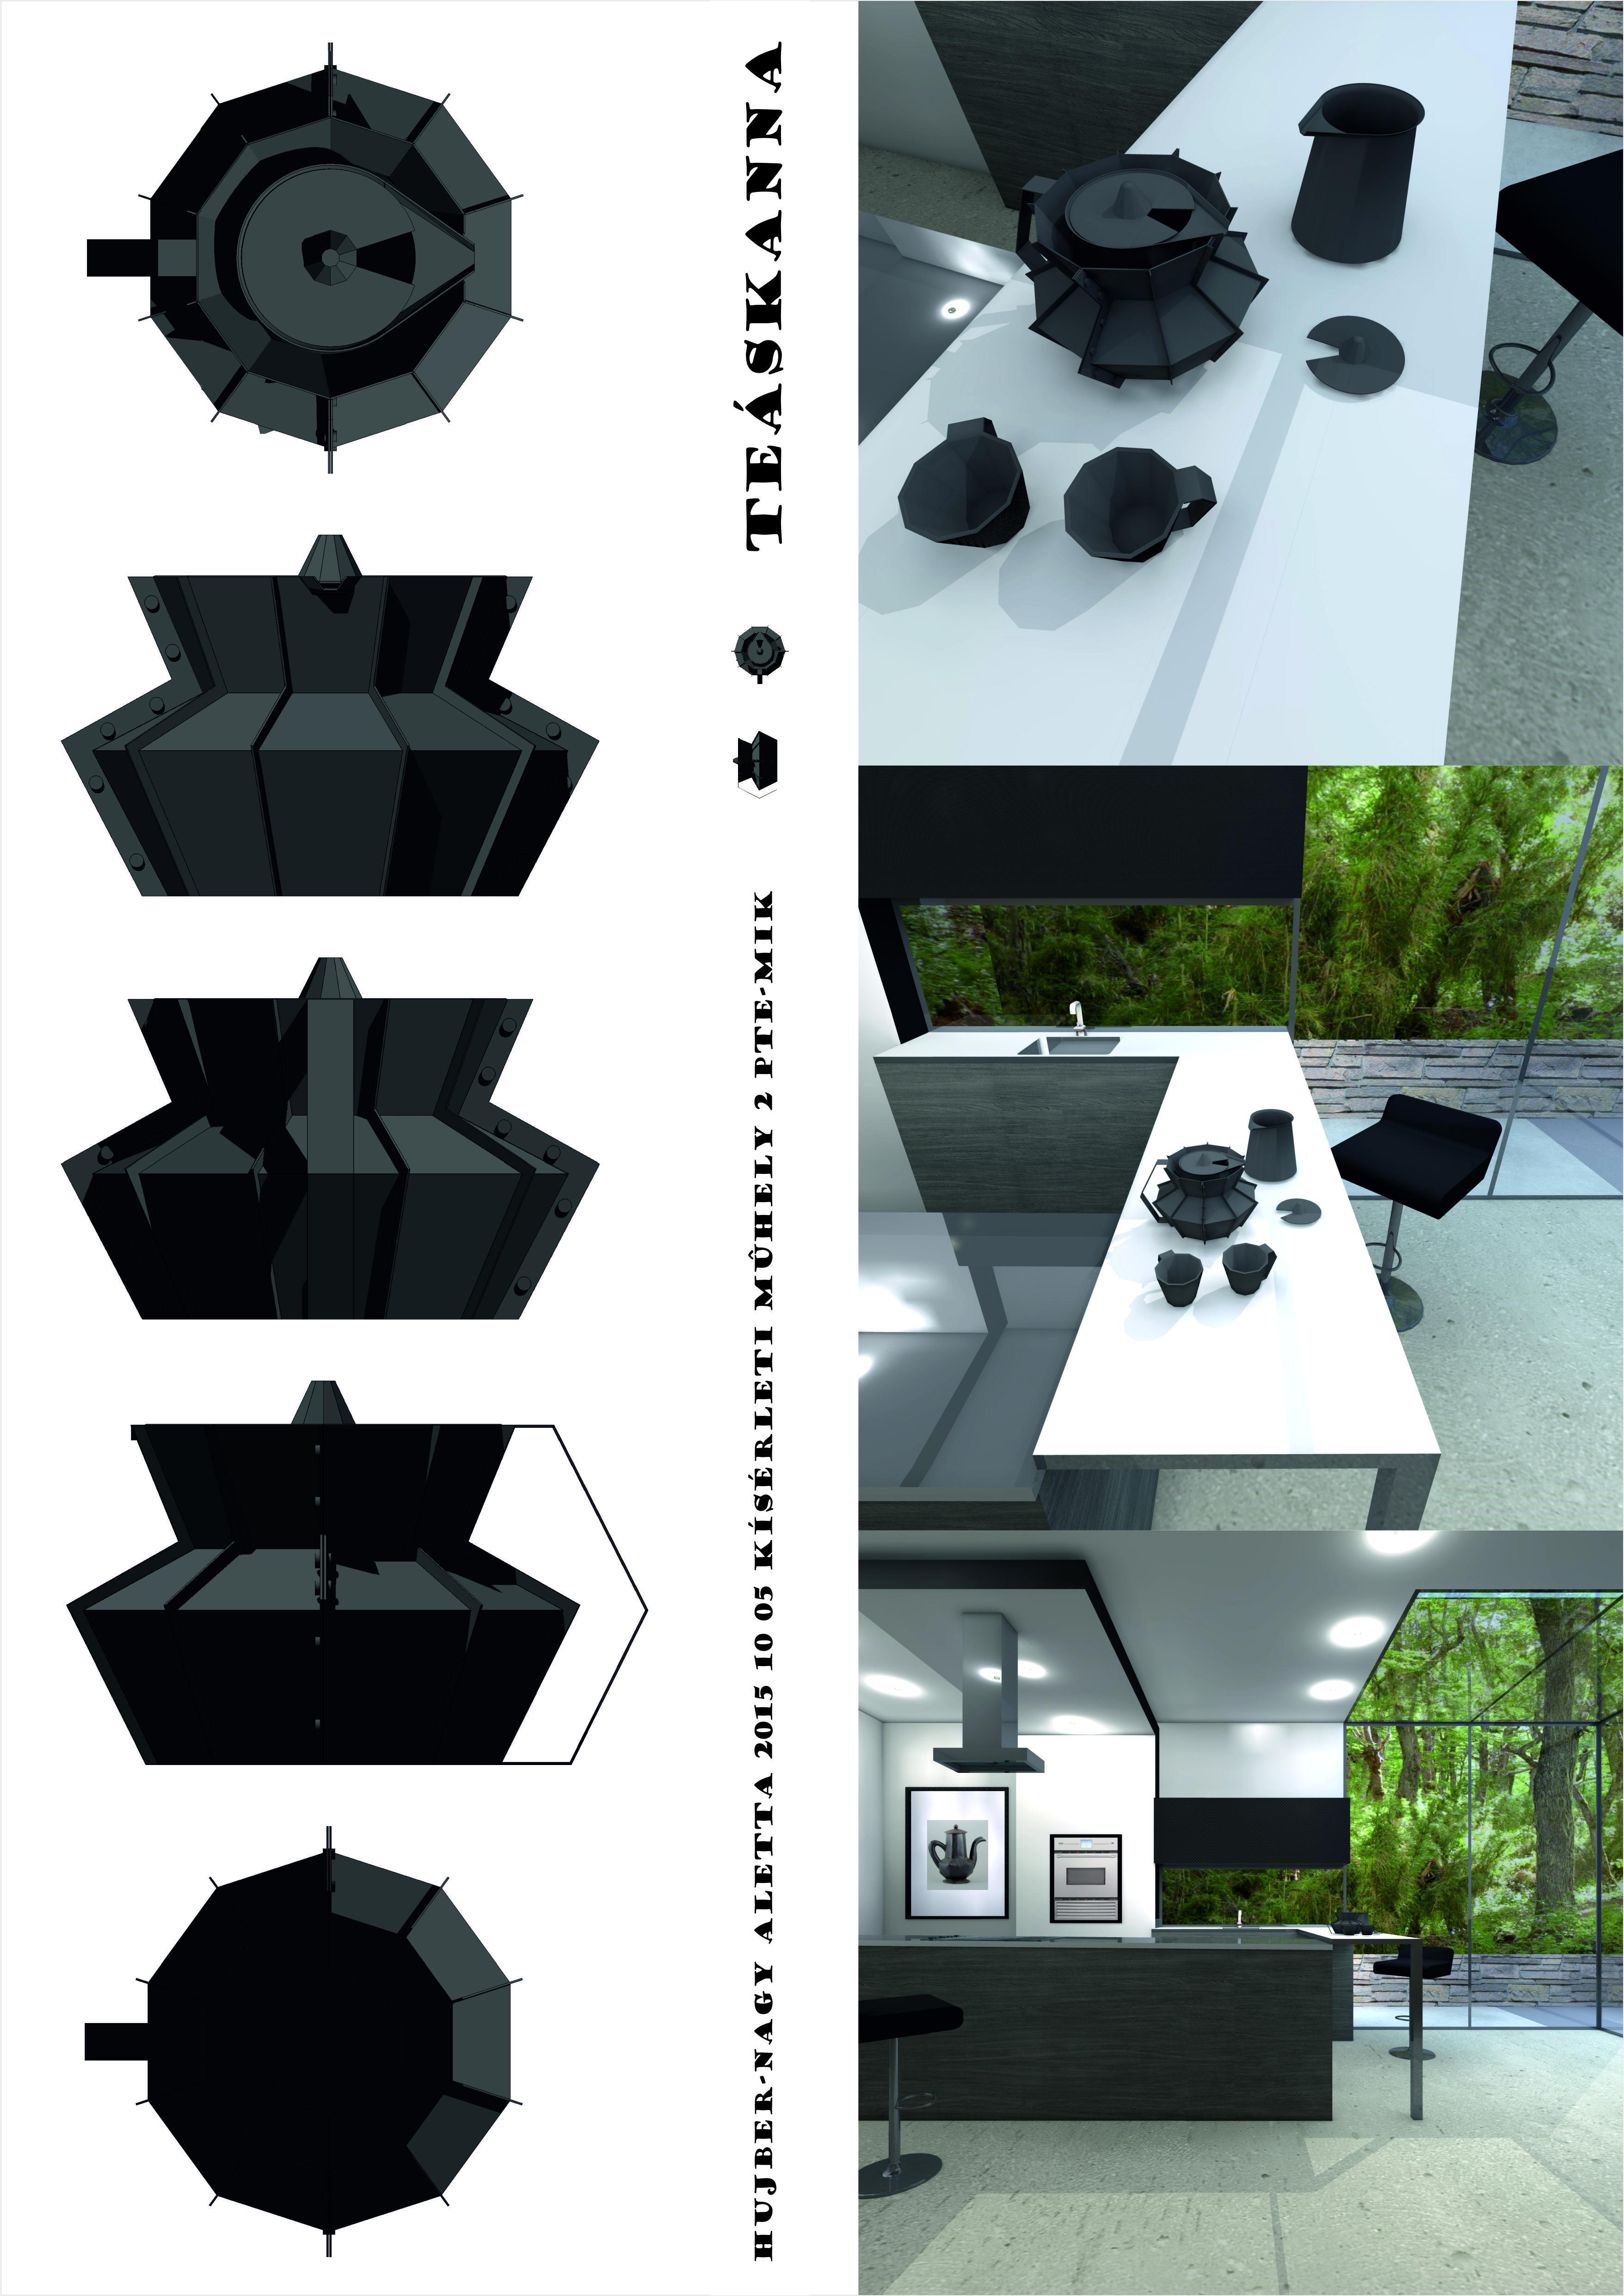 hna design teaskanna koncepcio 7